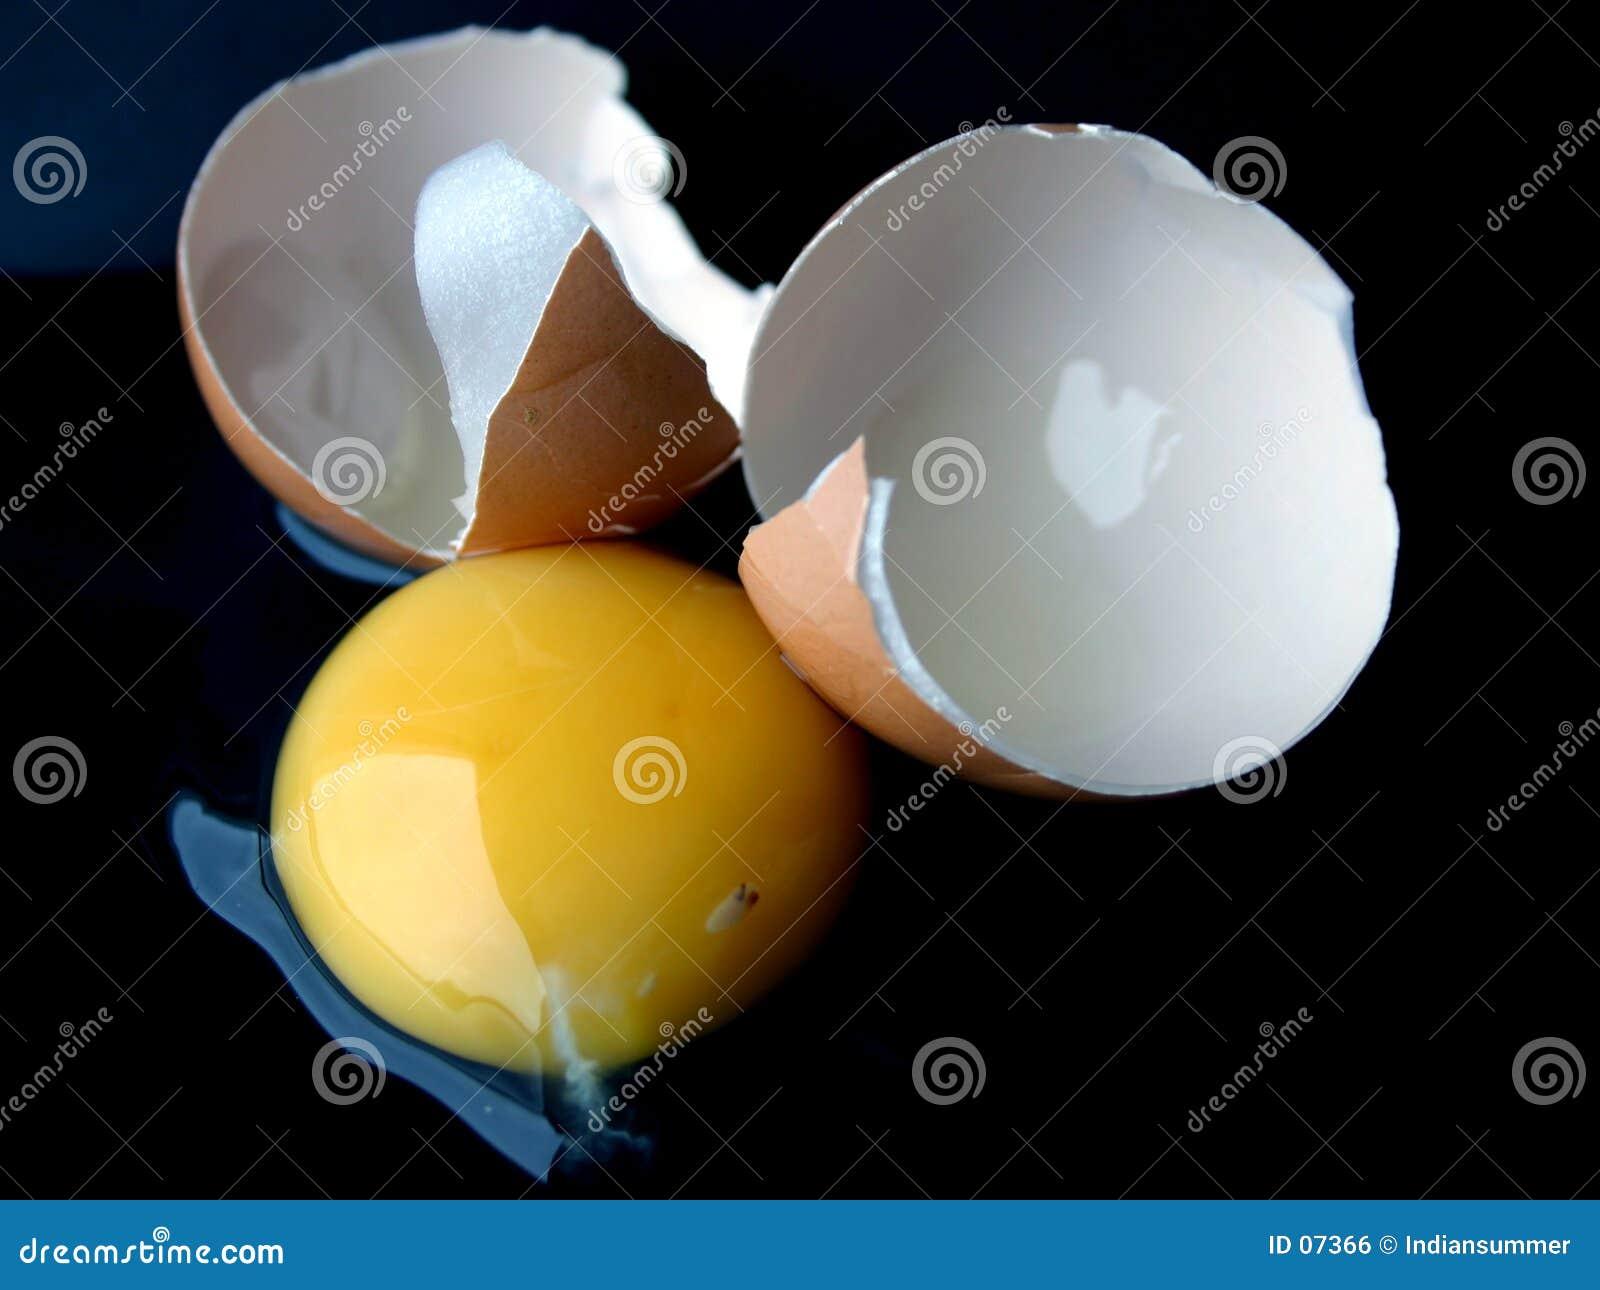 Broken egg II